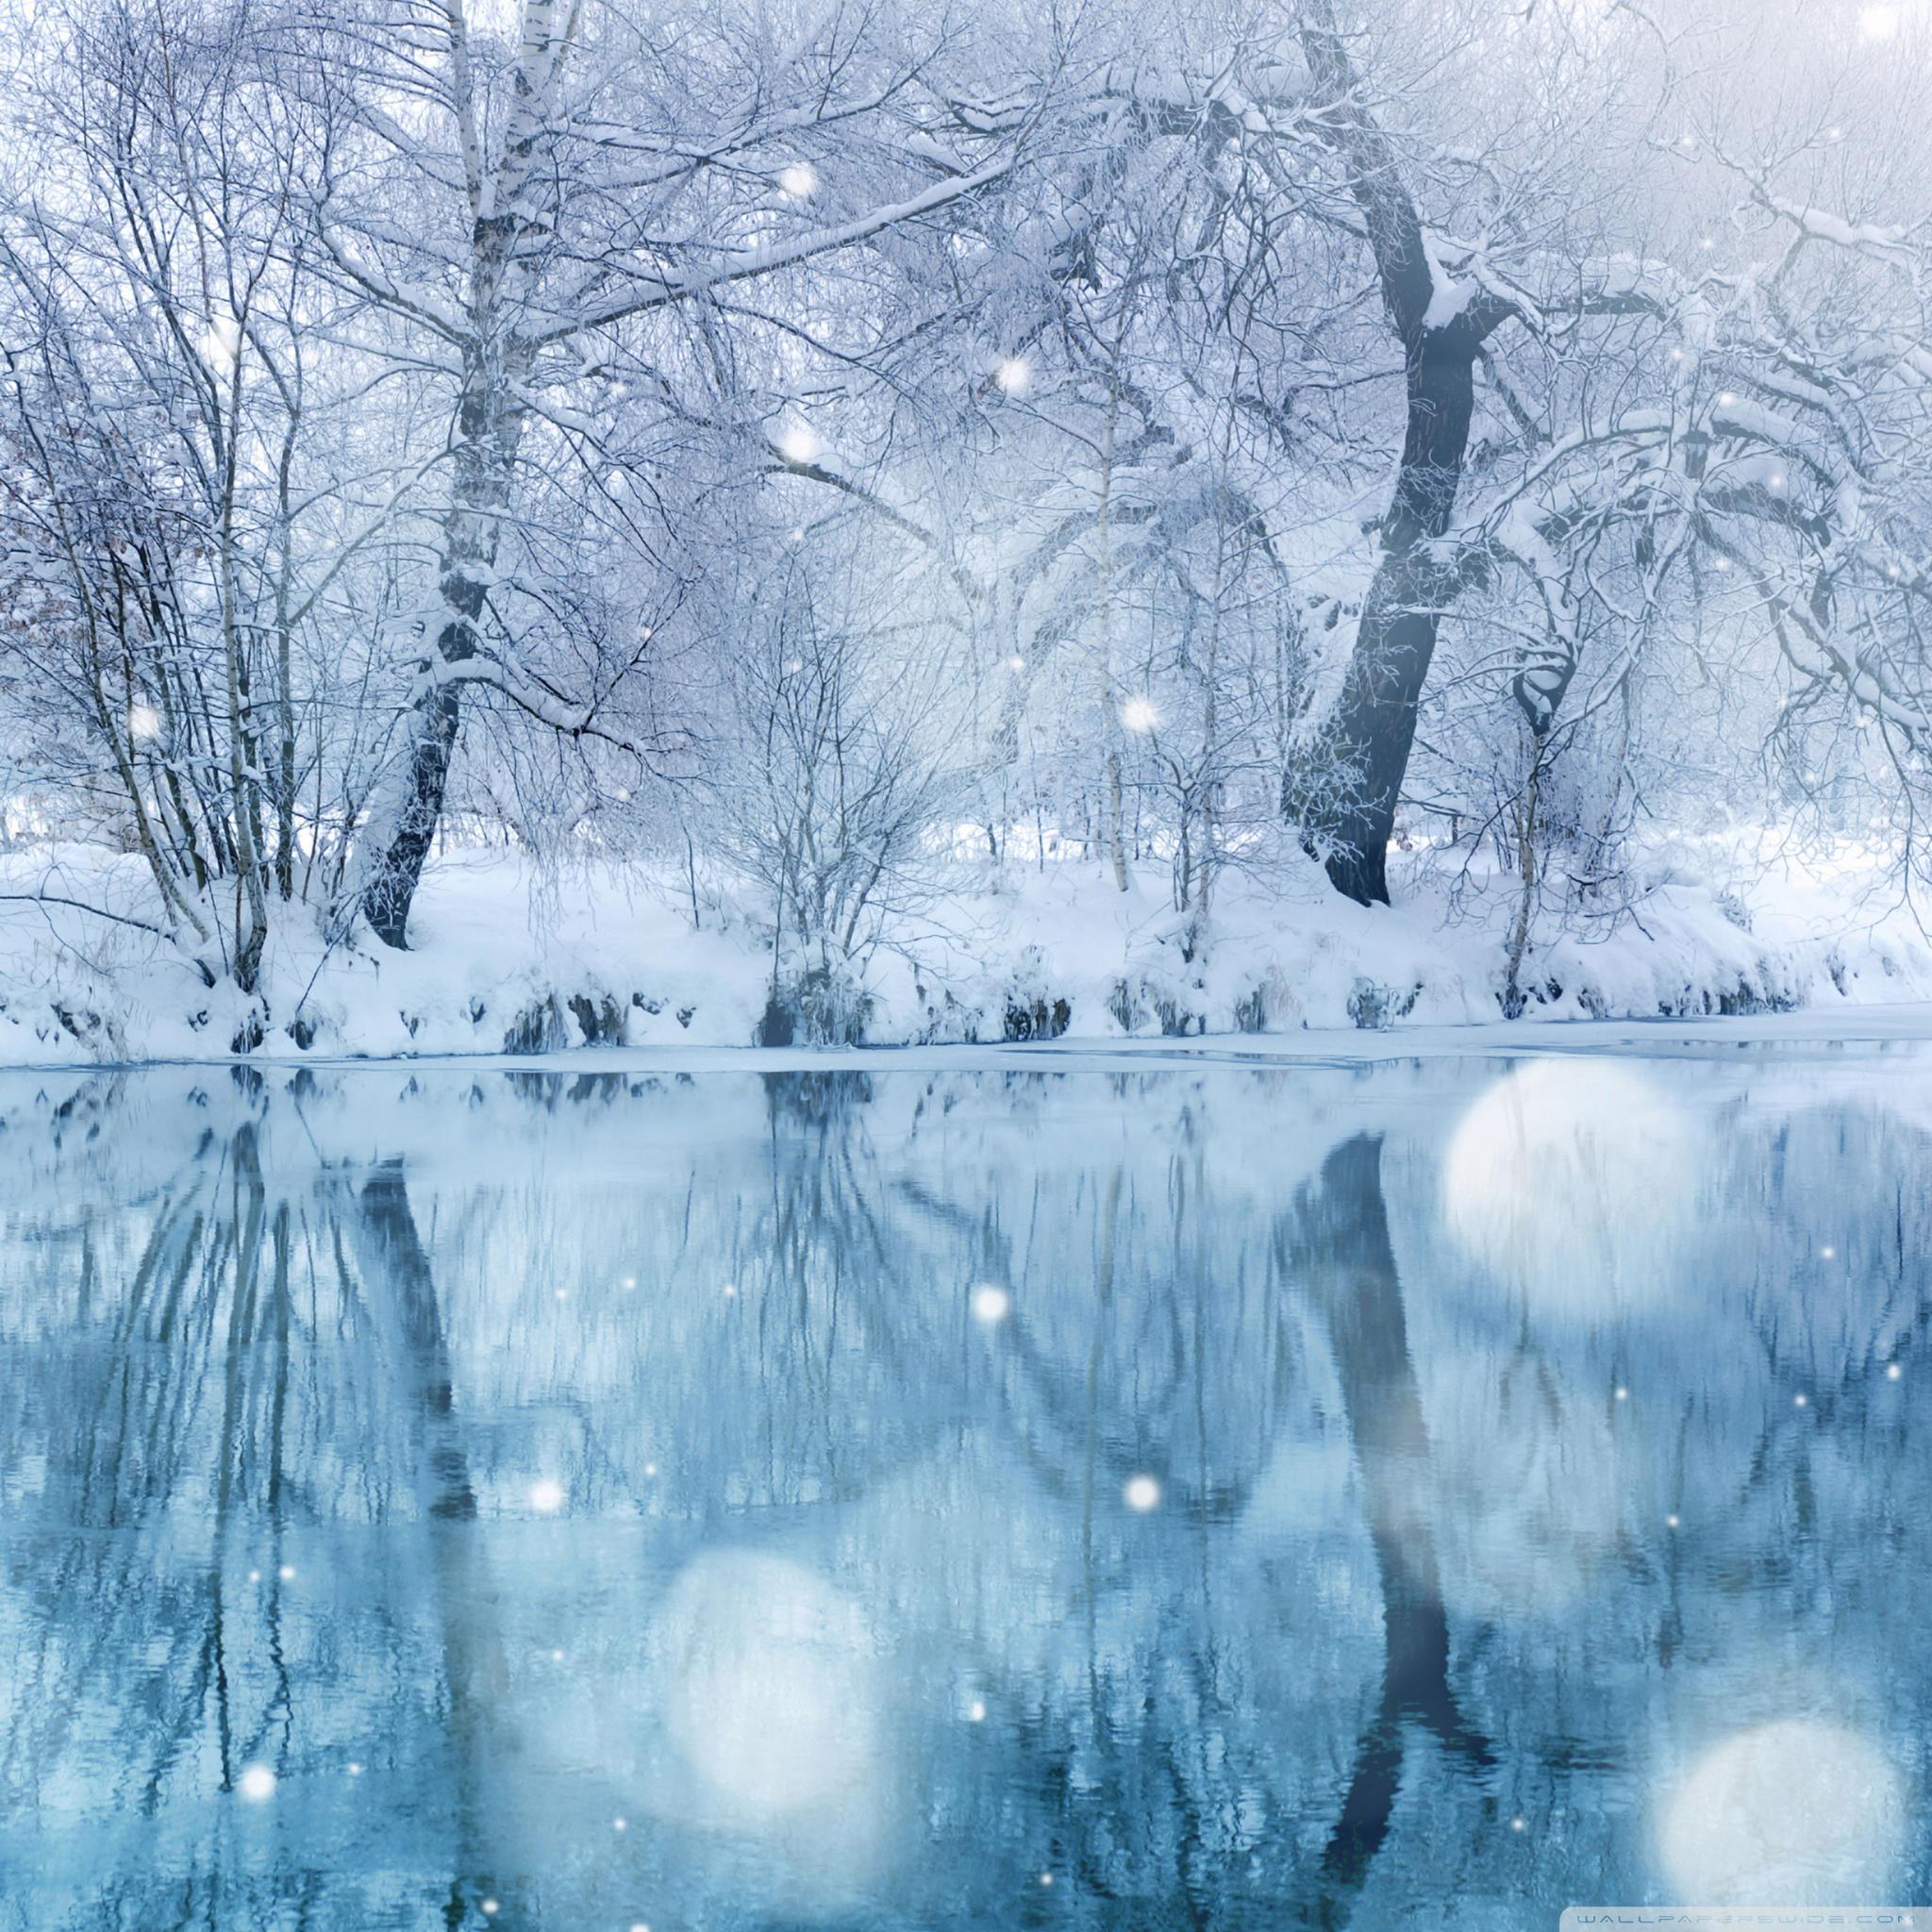 Winter wallpaper 4k iphone